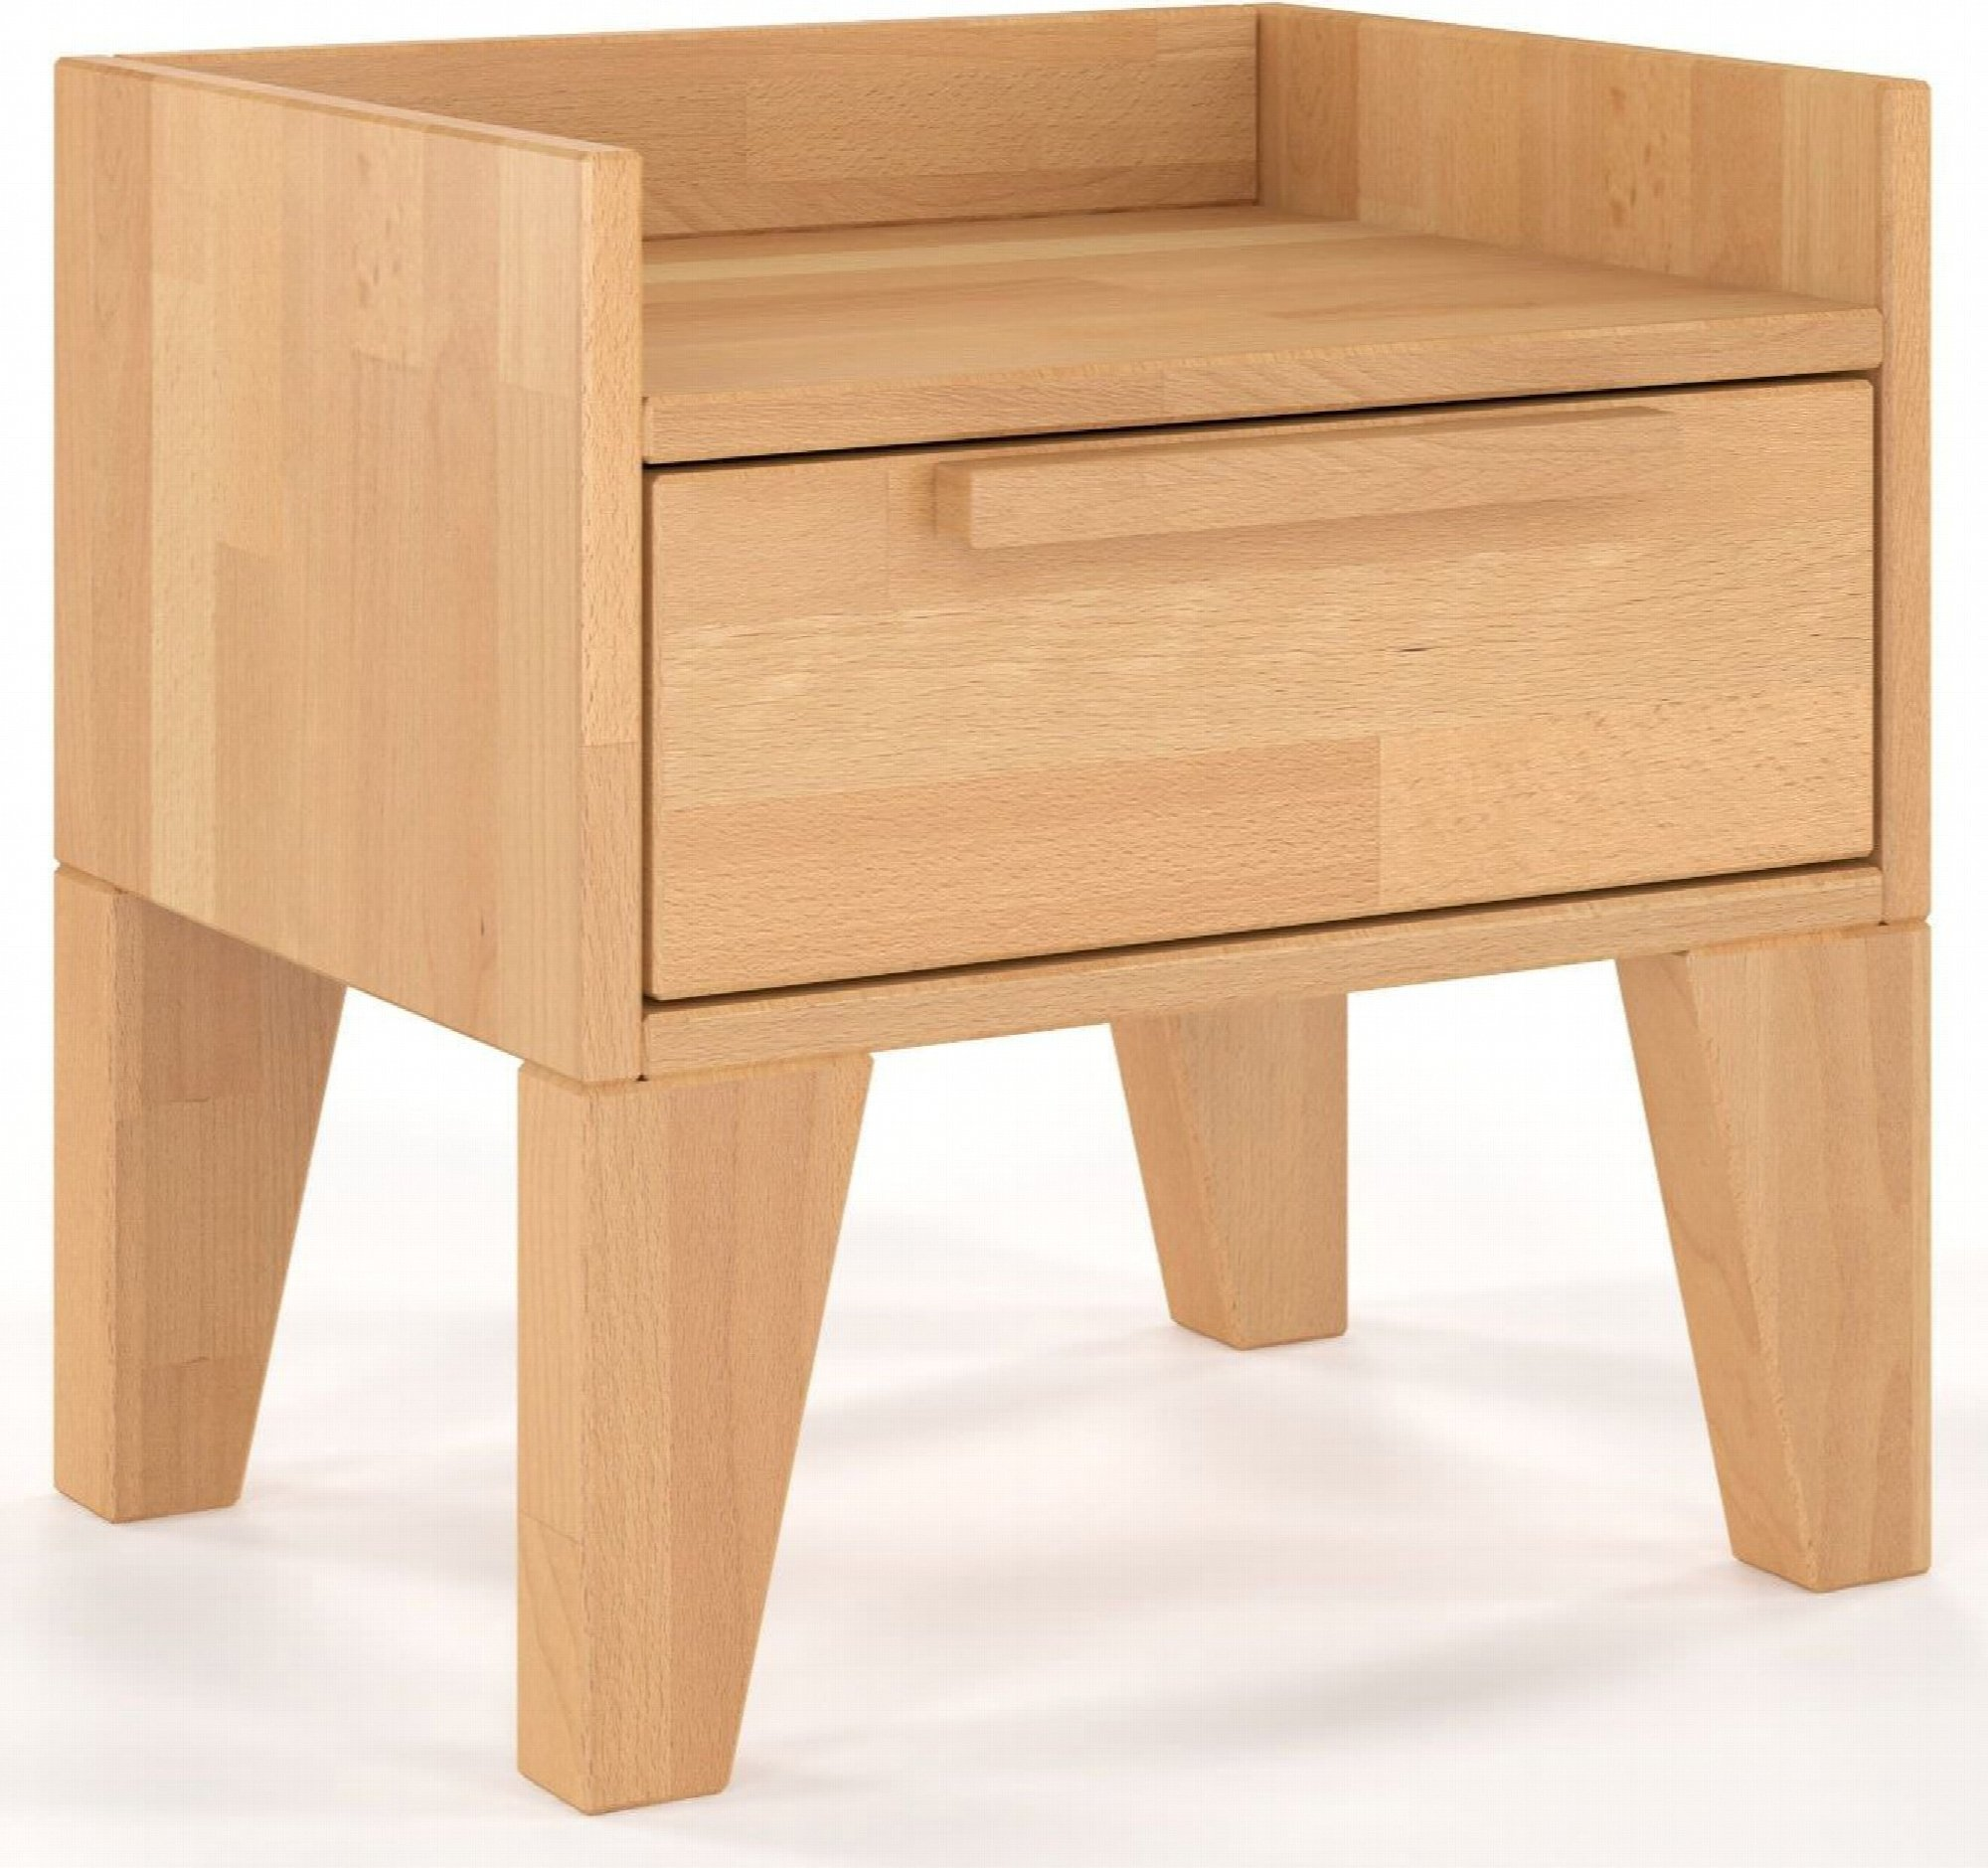 Table de chevet 1 tiroir en hêtre massif couleur bois clair